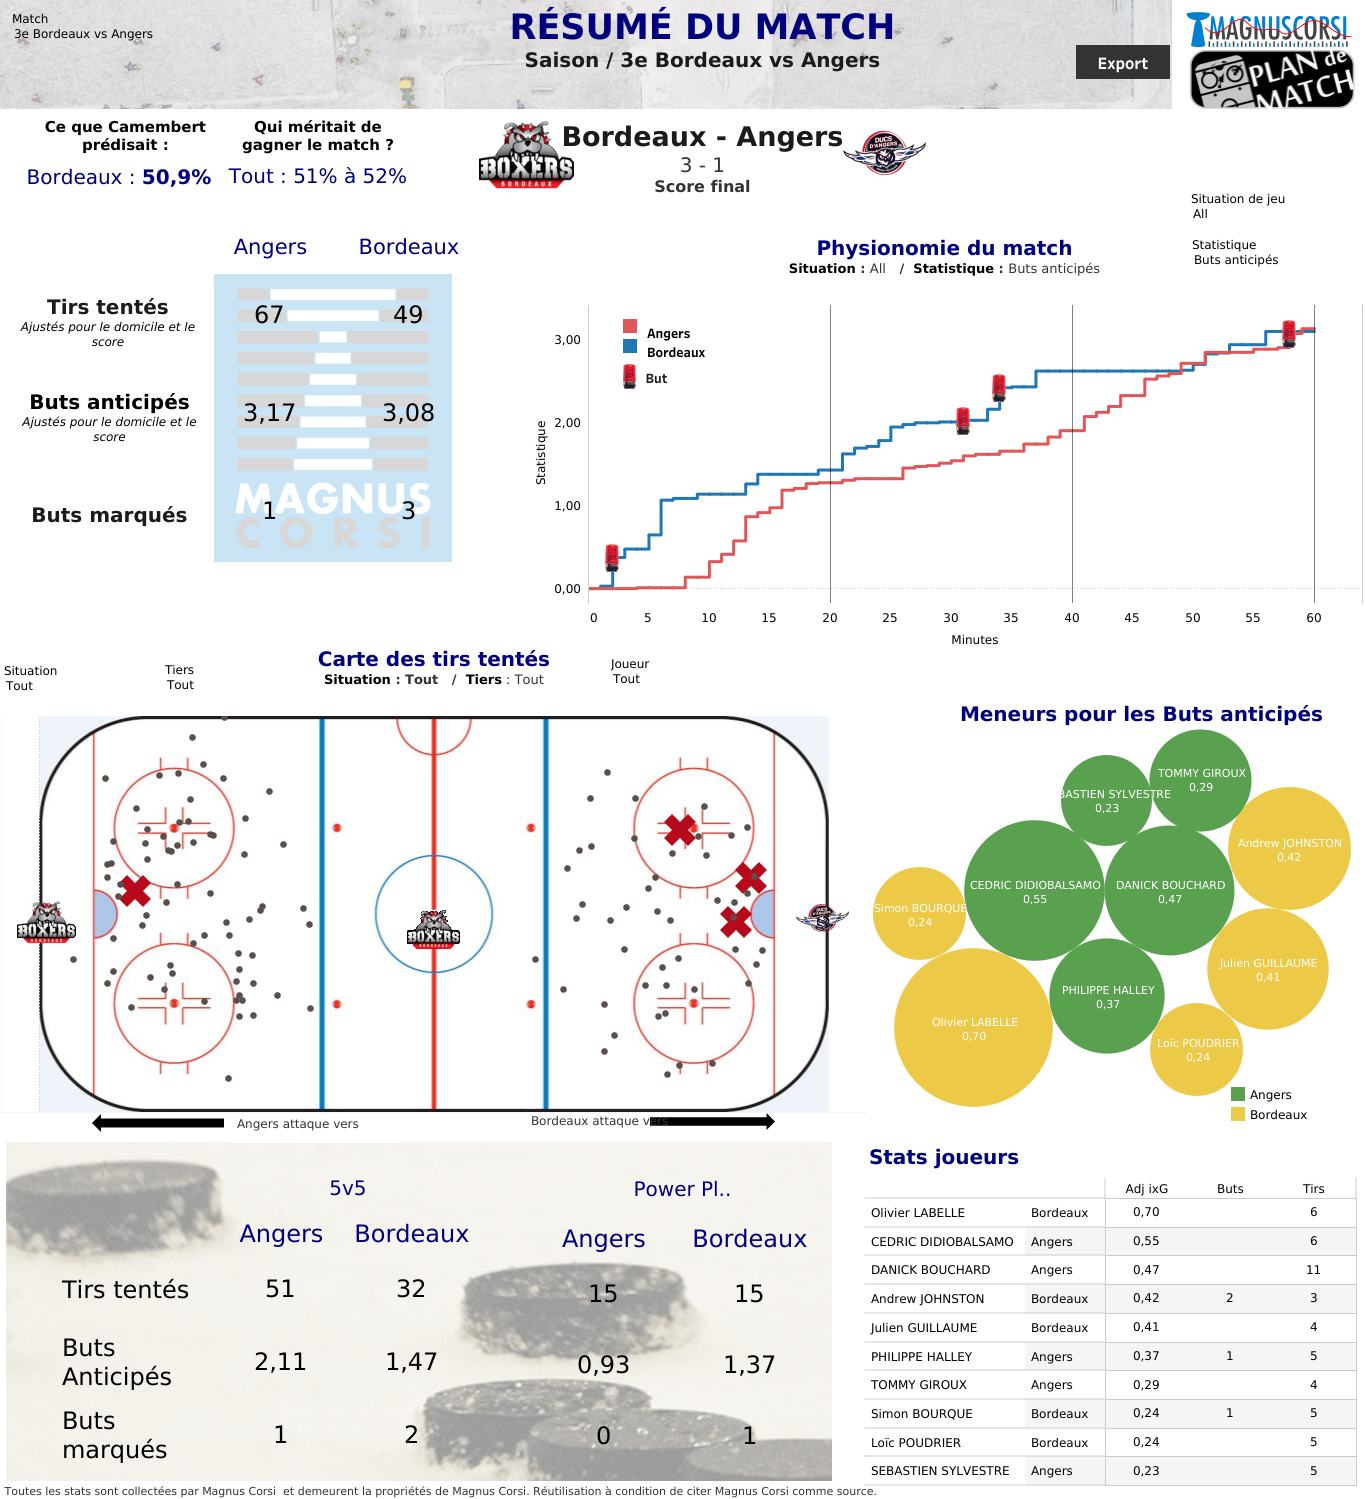 Au-delà de la glace : Episode #6 – Les statistiques avancées dans le hockey sur glace 2/2